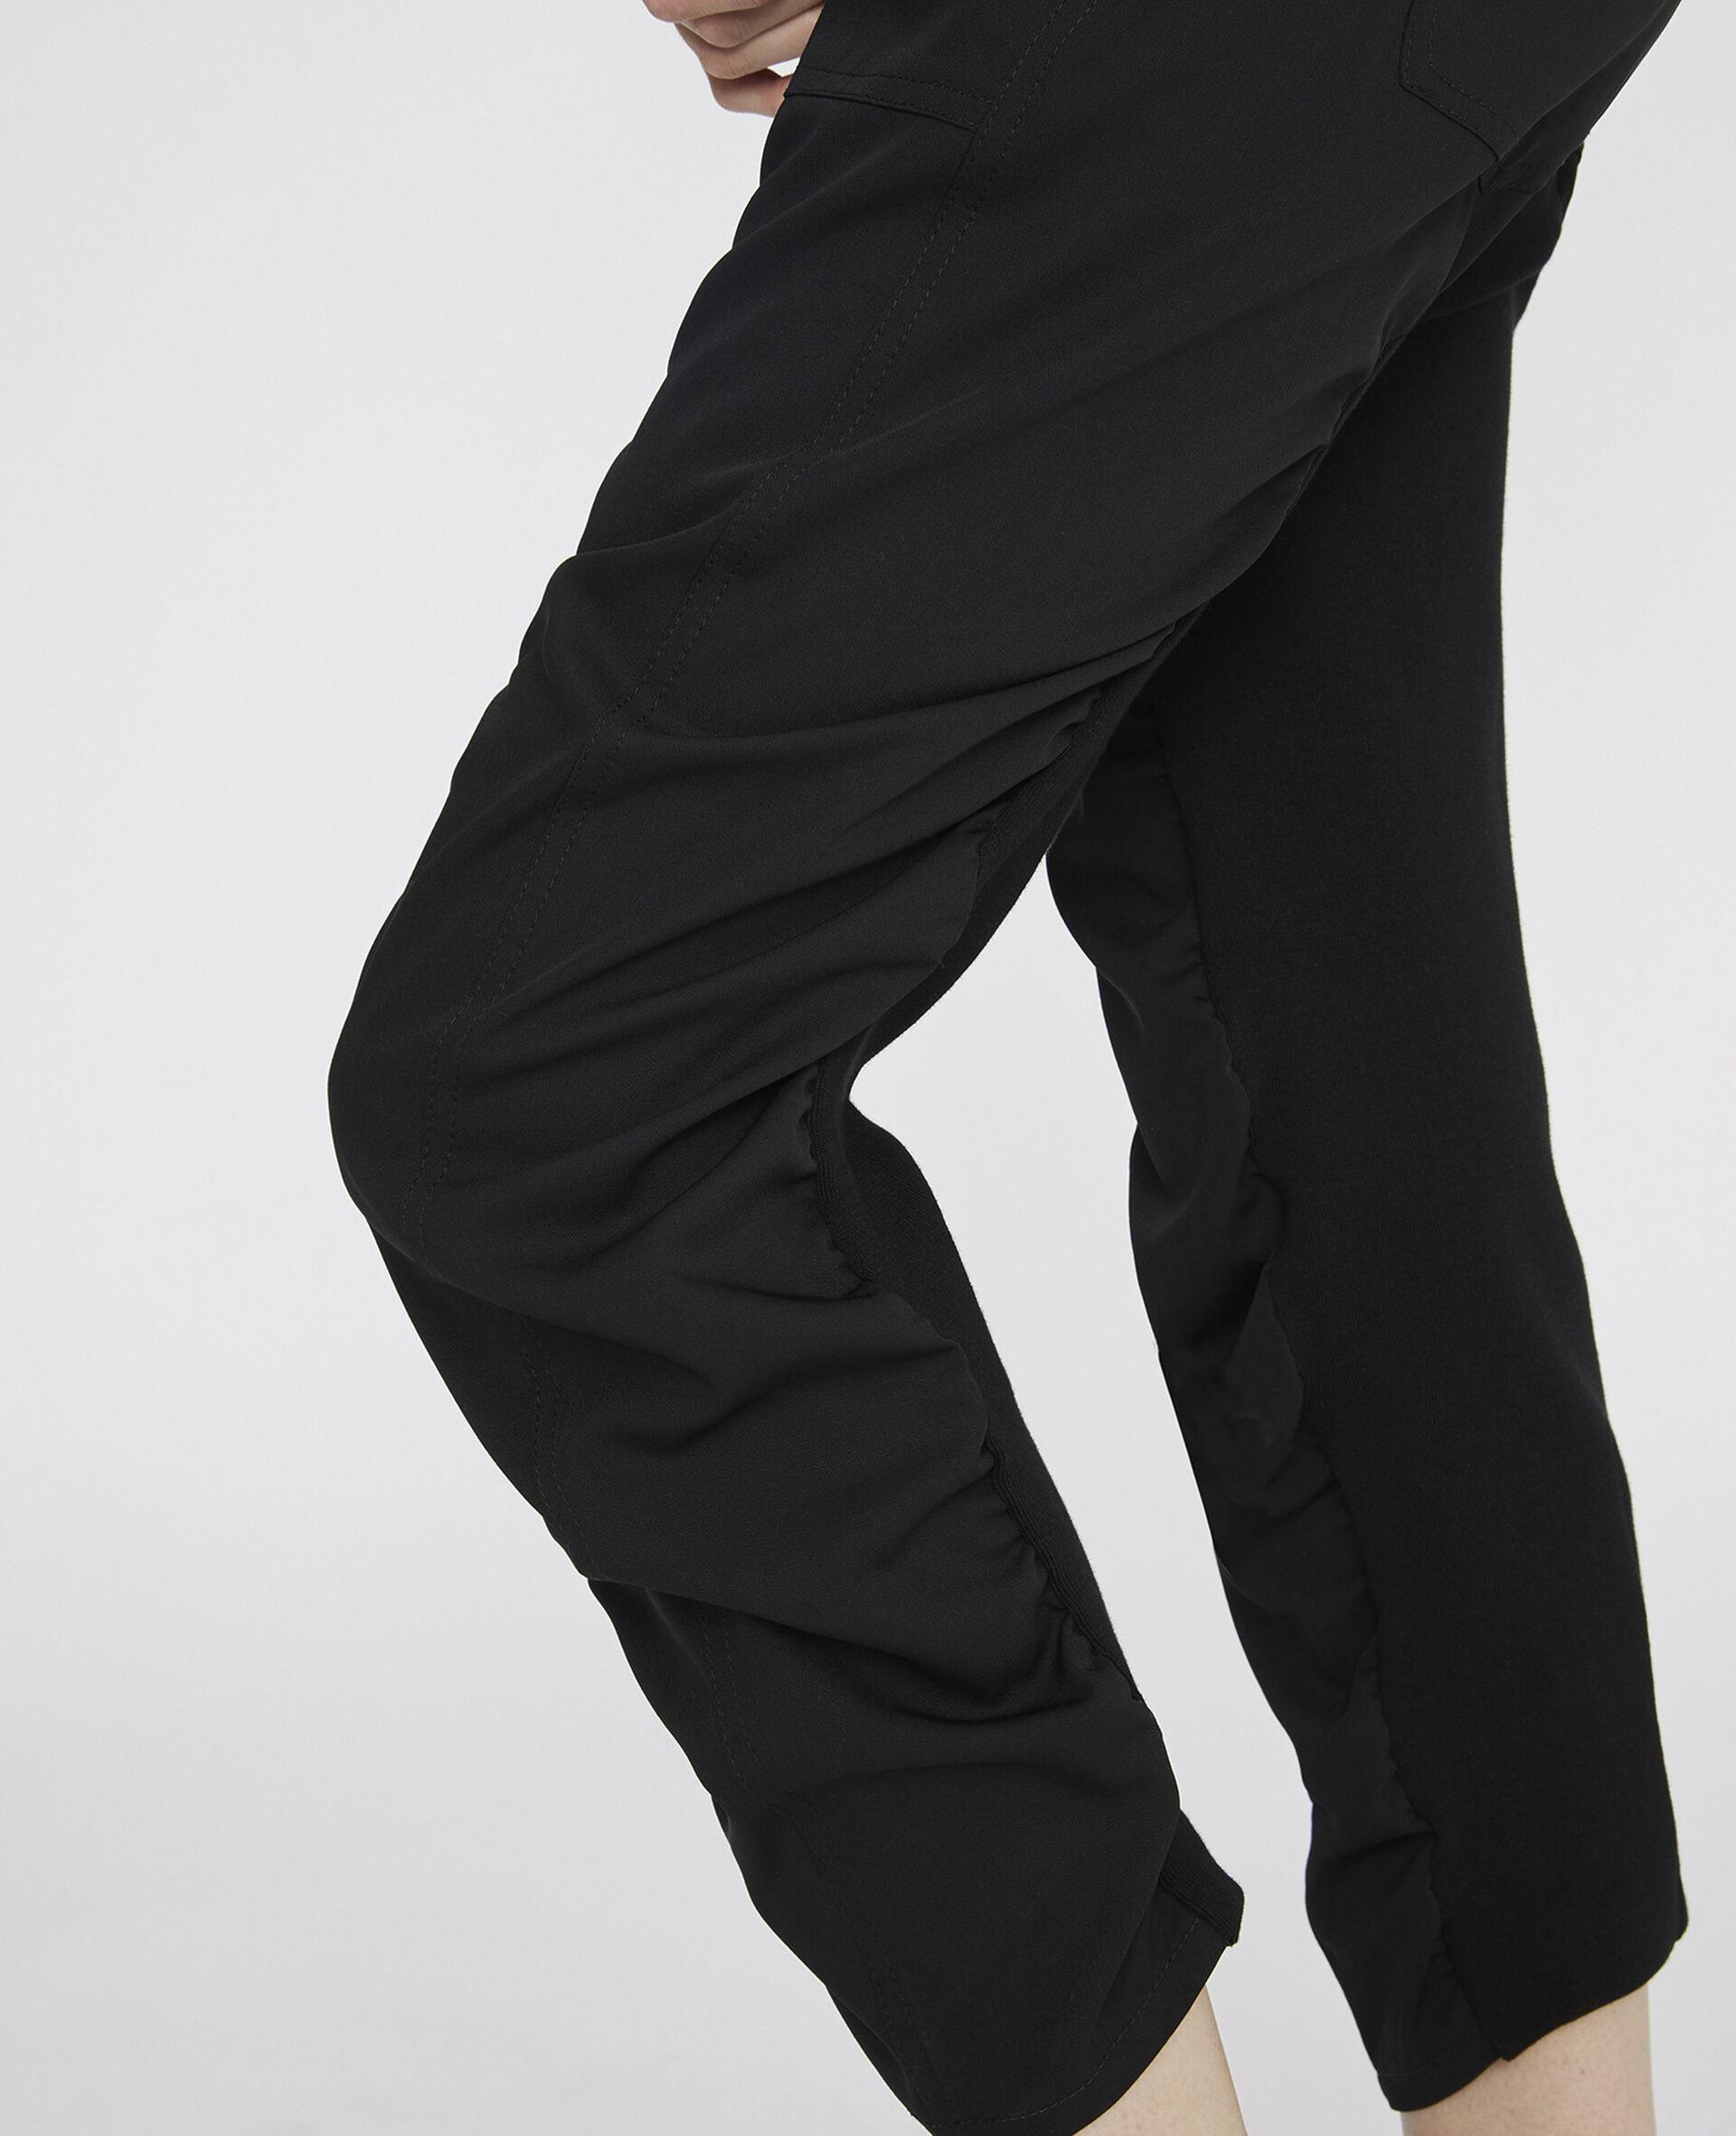 黑色 Tina 裤装-黑色-large image number 3